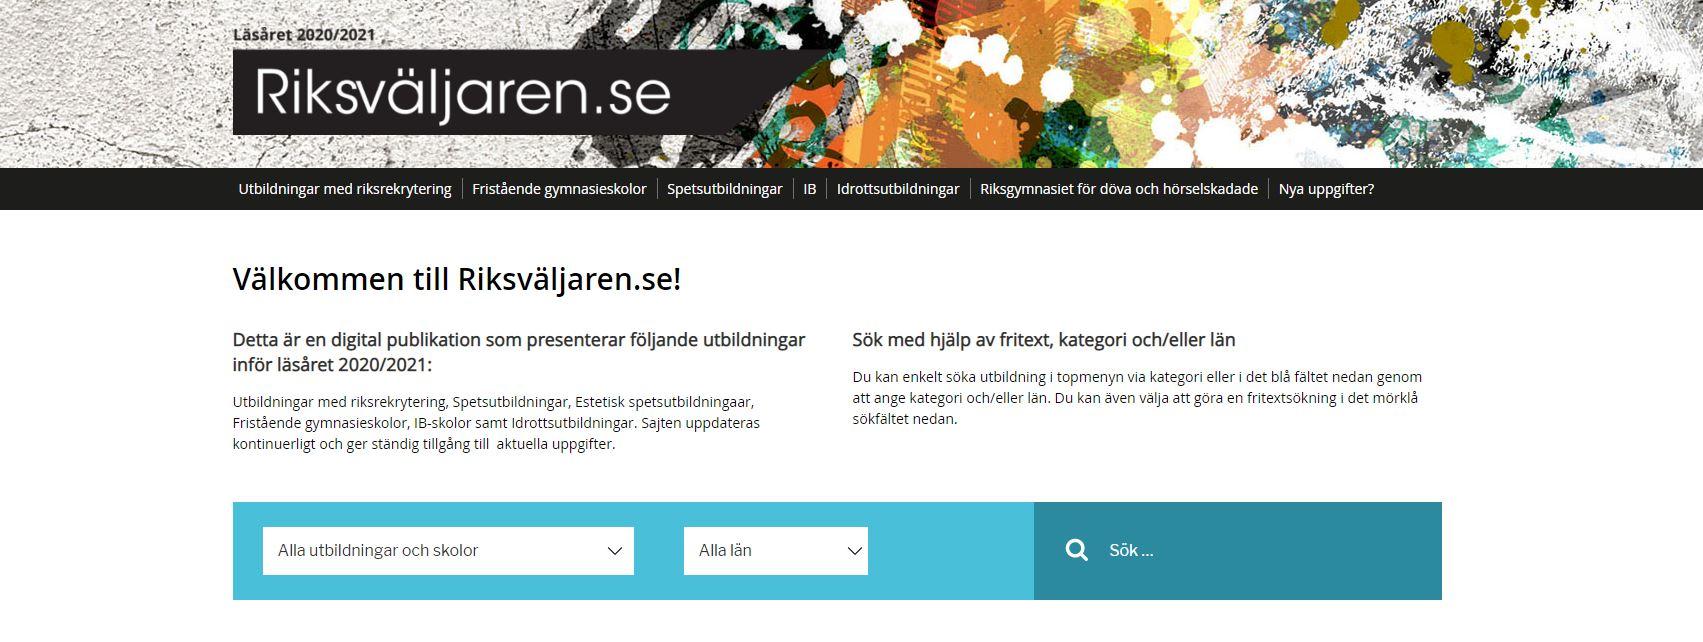 Skärmdump från riksvaljaren.se (steg 1)